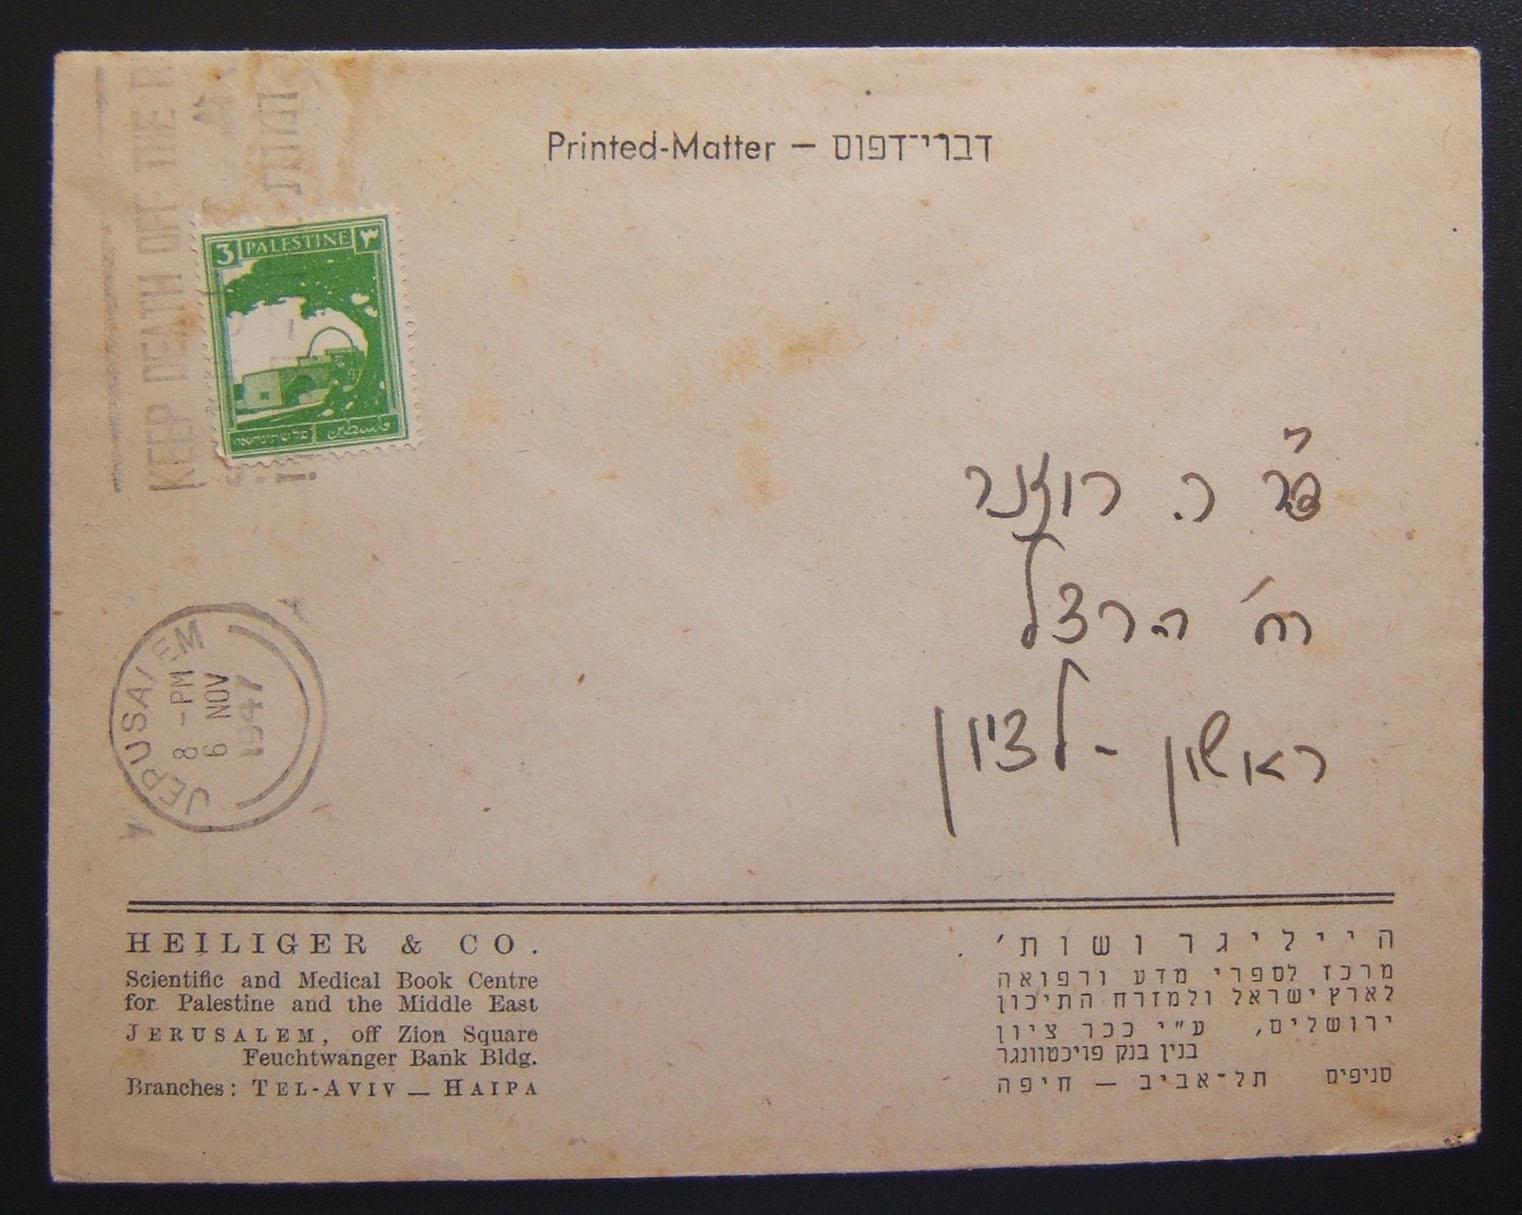 1947 البريد الإلزامي للبريد المطبوع: 6 نوفمبر 47 الساعة cp على مخزن ثابت من J'LEM إلى RLZ مع 3 متر باستخدام Pictorals Ba91 مرتبط بواسطة cachhet بثلاث لغات